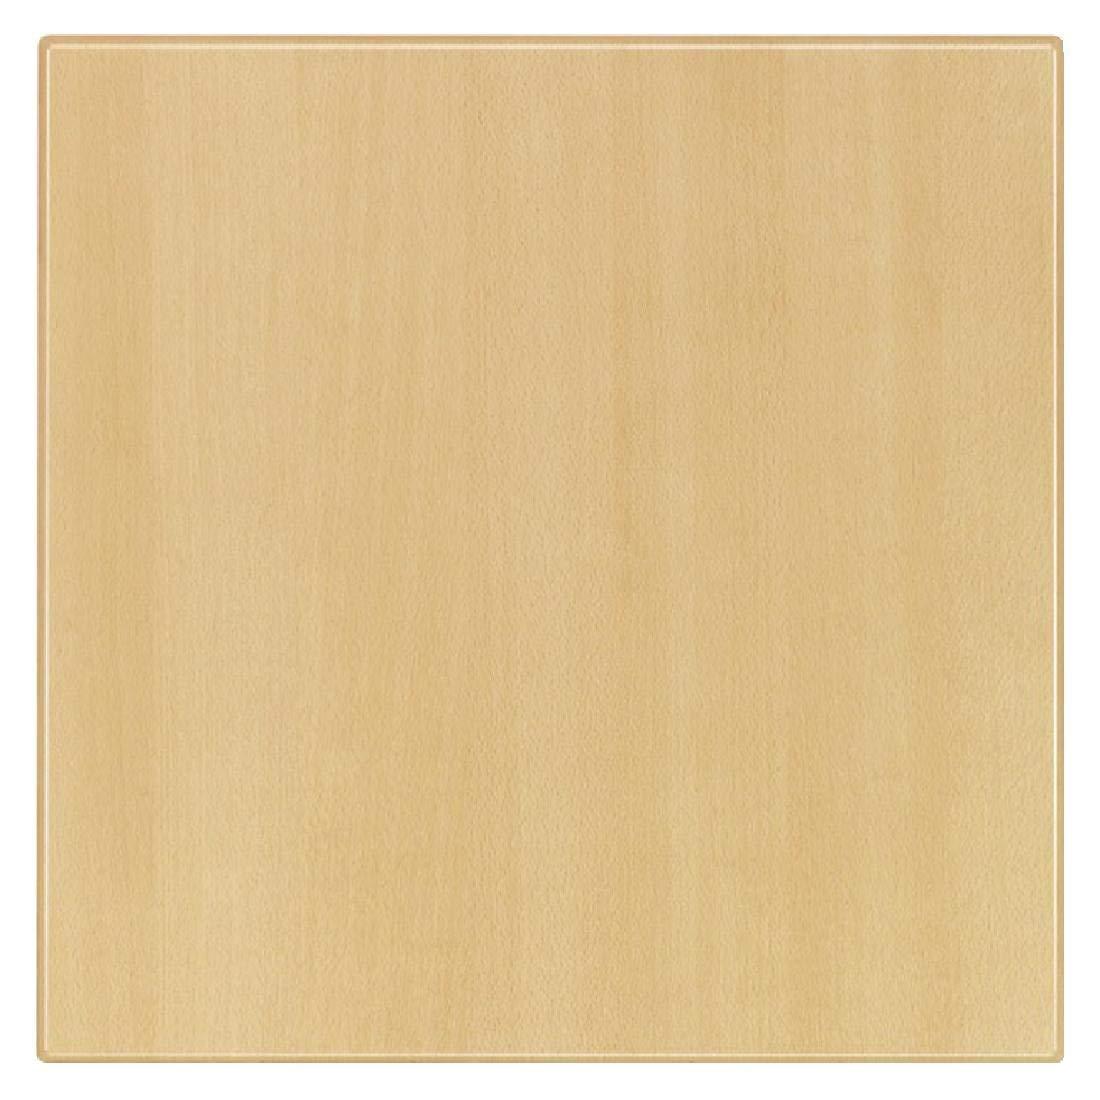 Werzalit plus u595cuadrado tablero de la mesa, 700mm x 700mm x 30mm Dimensión, madera de haya Planked